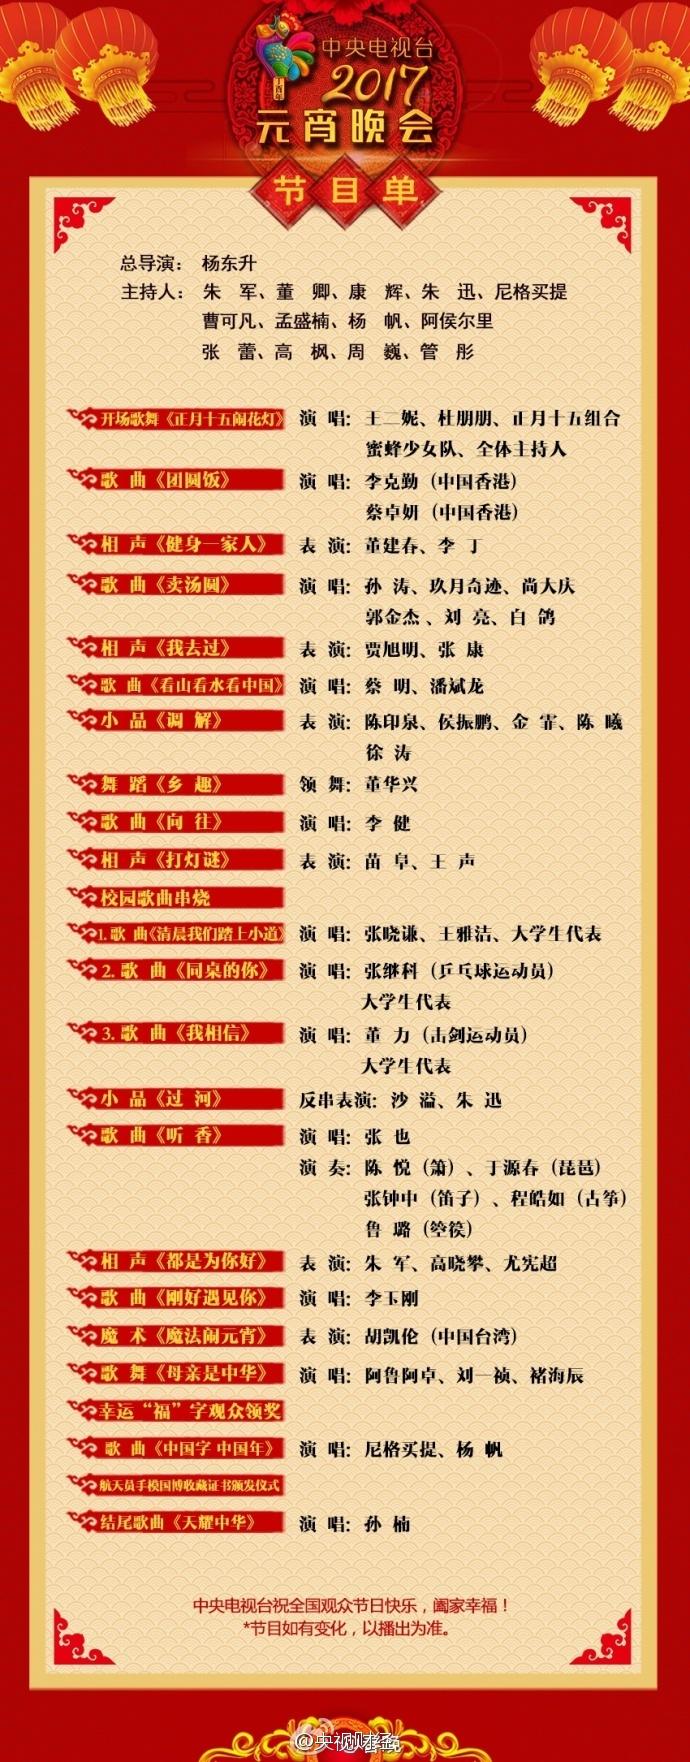 2017央视元宵晚会节目单正式版公布 李健张继科董力来了